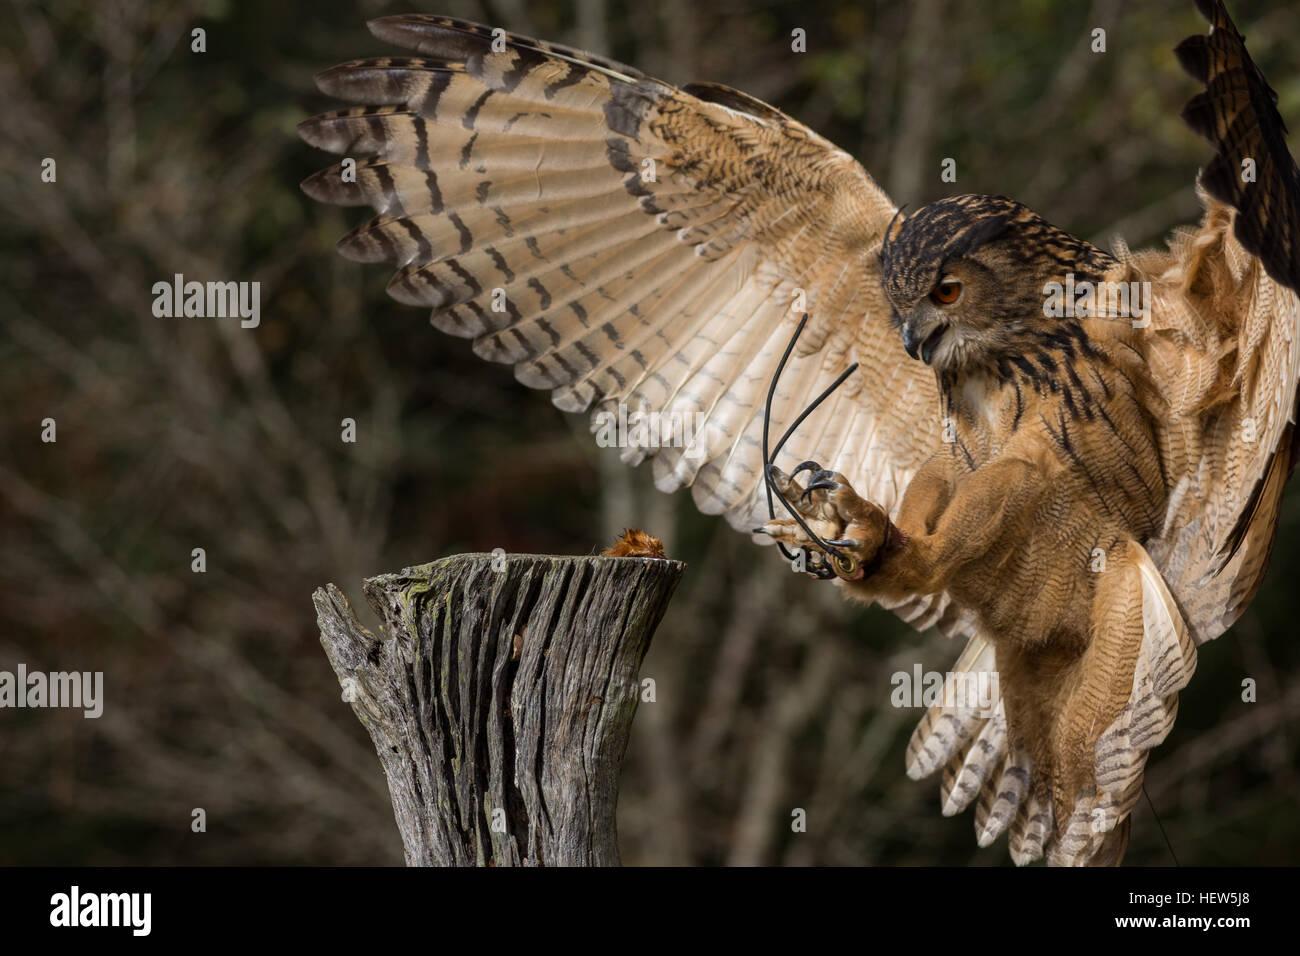 Aninimal Book: Eurasian Eagle Owl attacking prey at the Center for Birds ...